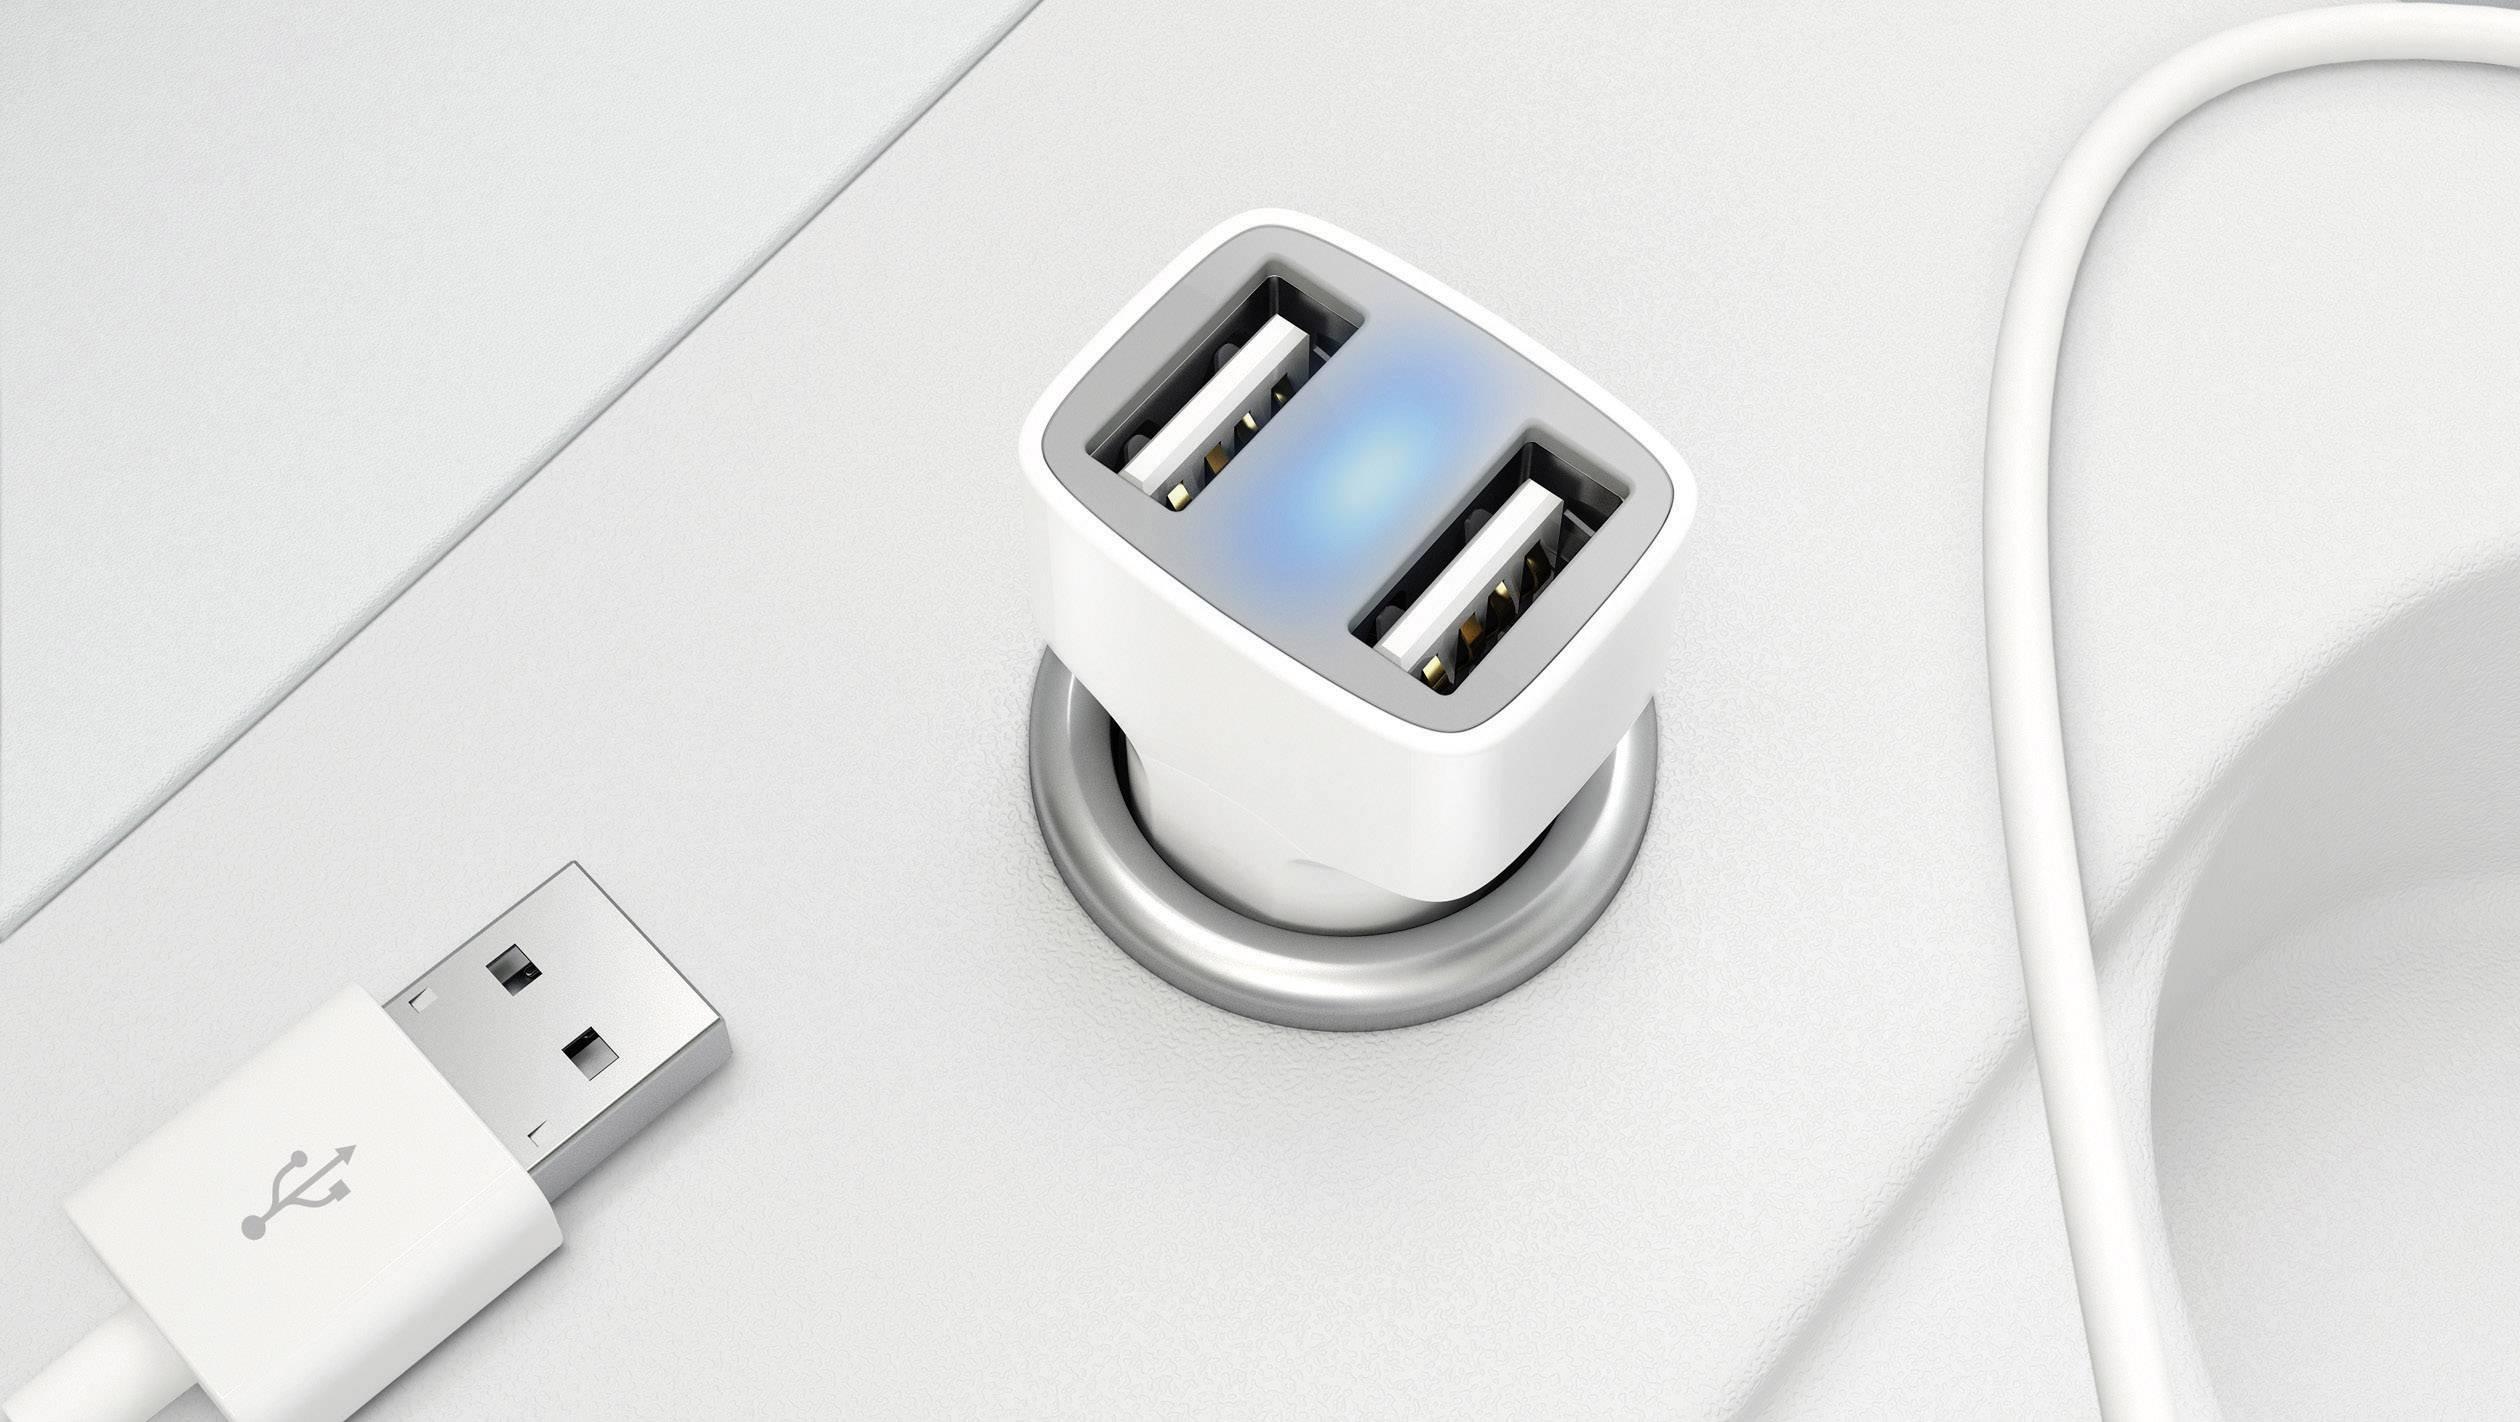 USB laddare Innergie PowerJoy Go Pro ADP 21JB AAE Personbil Utgångsström max. 2100 mA 2 x USB Auto Detect